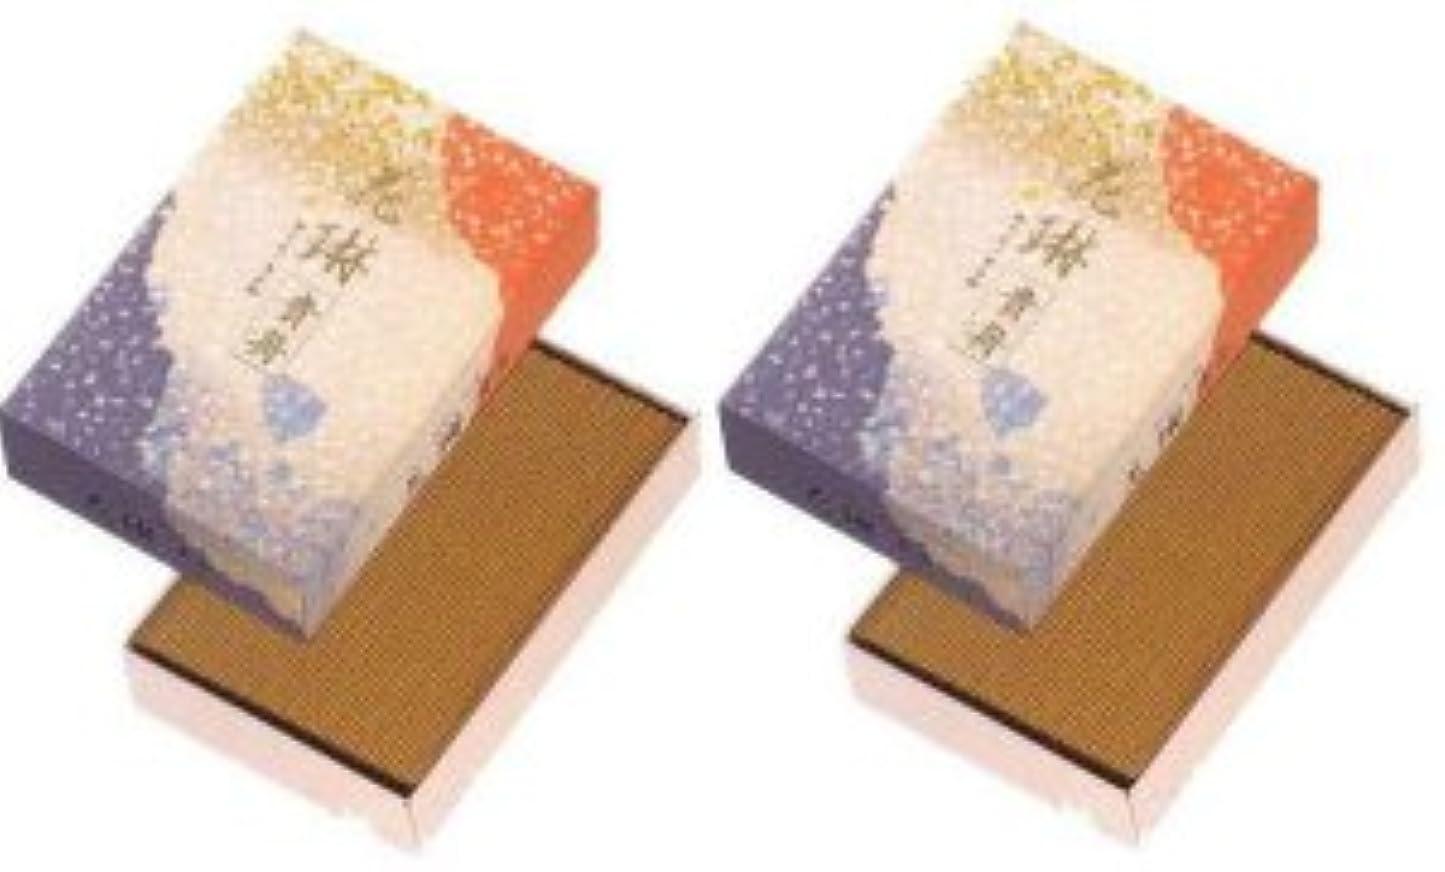 介入する暴力的な黄ばむ薫寿堂 花琳貴舟 大バラ 2箱セット